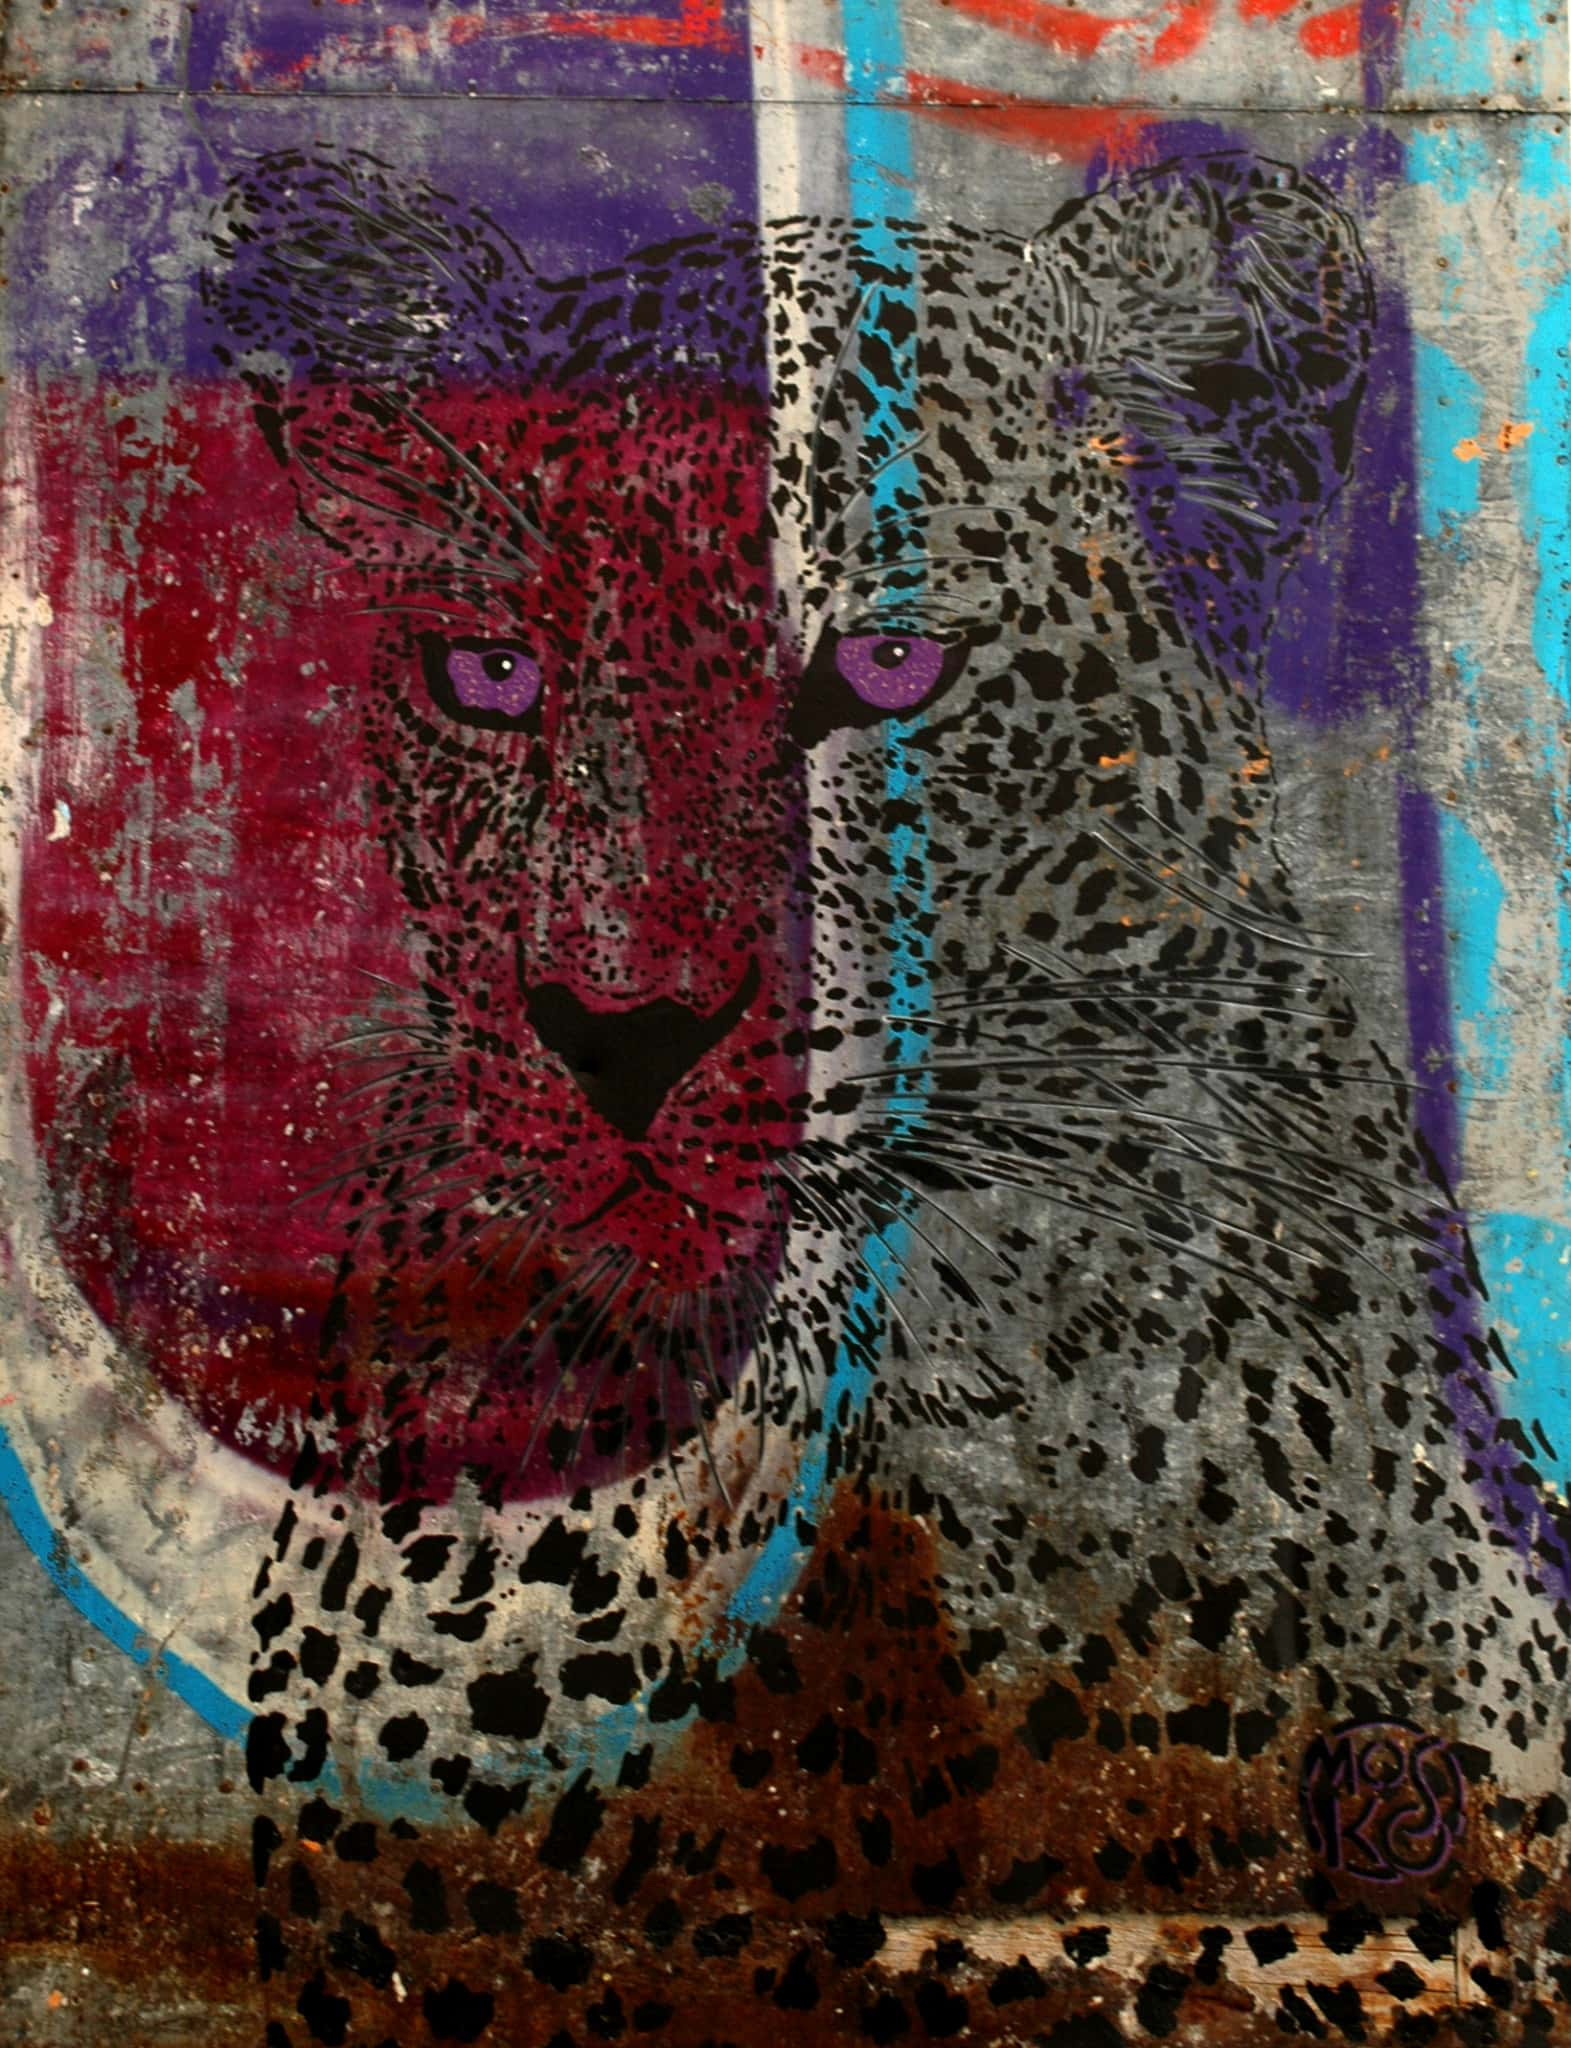 Galerie Art Jingle MOSKO Buste Panthère Tôle 98 x 130 cm 2021